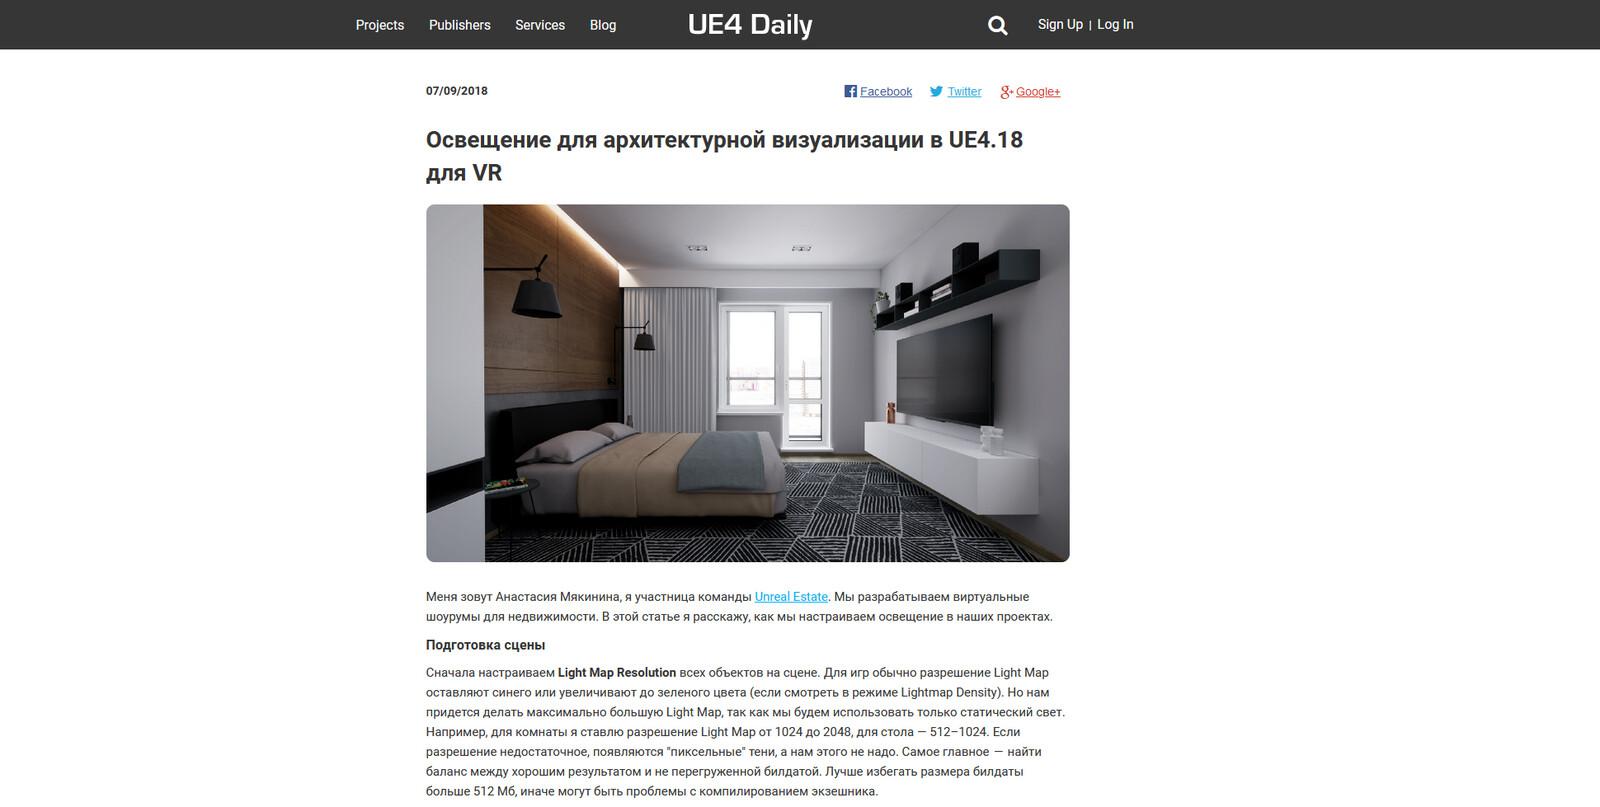 http://ue4daily.com/blog/lighting-for-VR.html